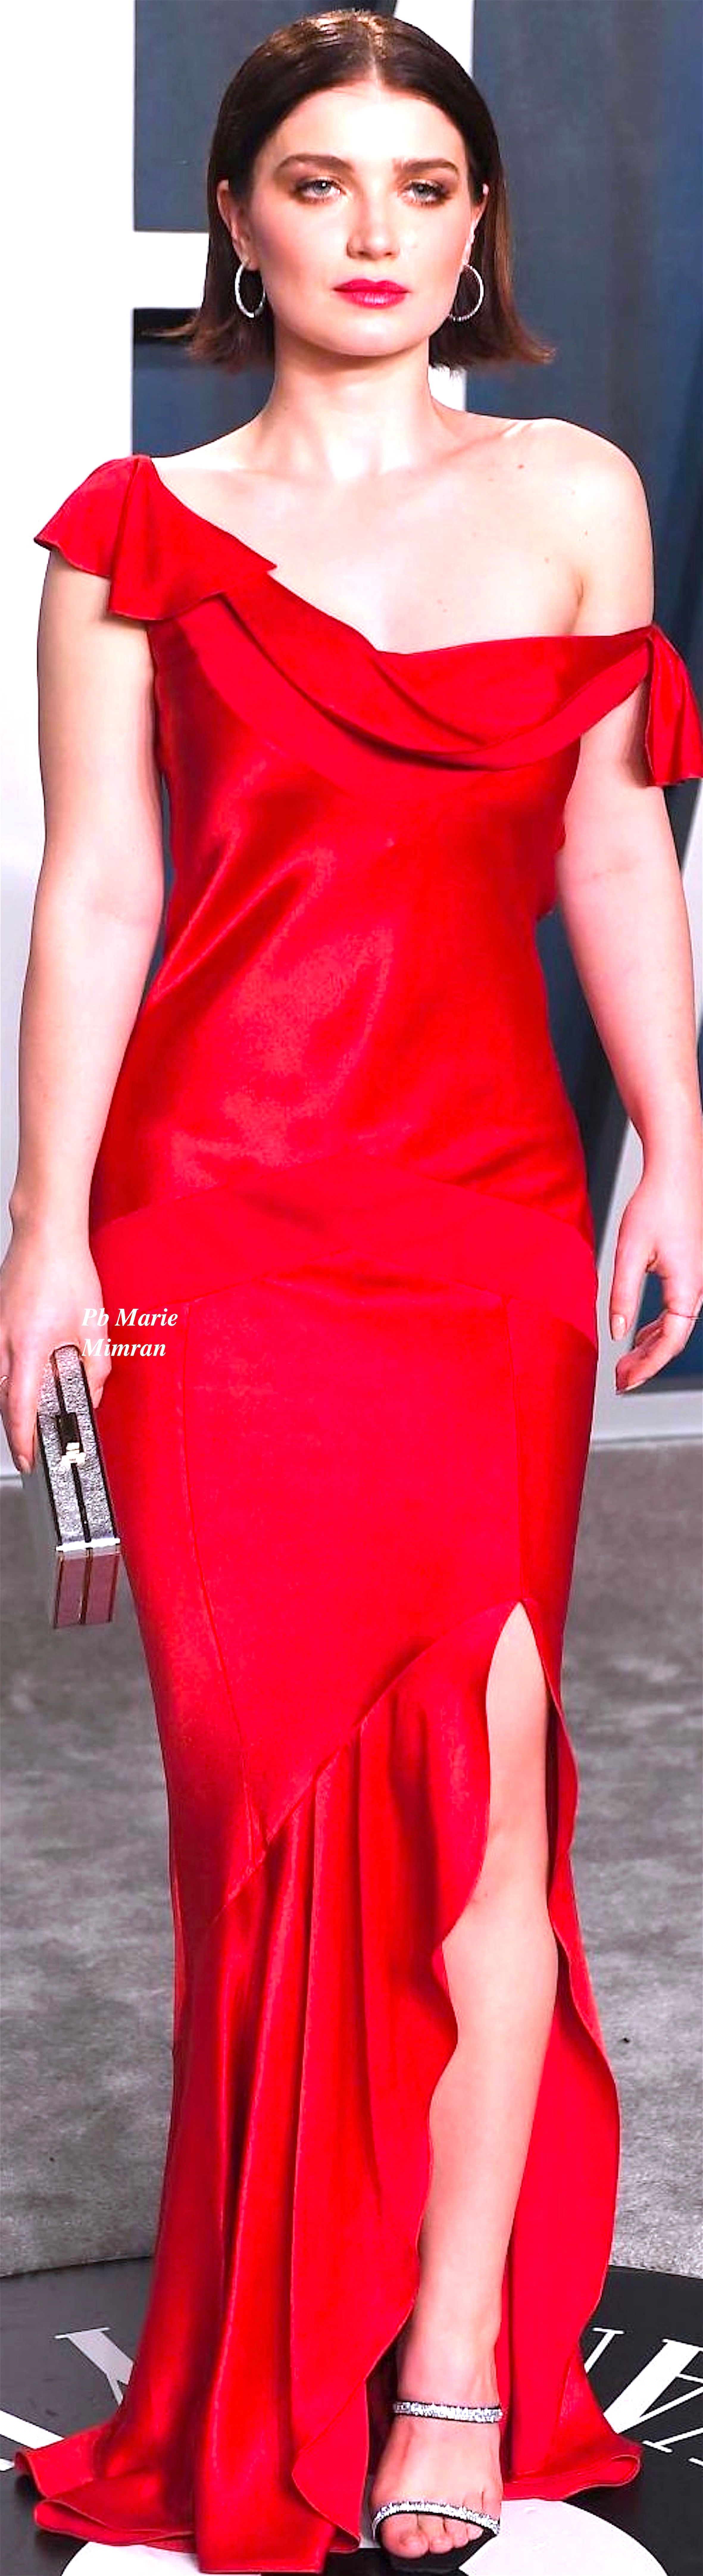 Marie Mimran  Eve Hewson vanity fair Oscar party 9    Met gala ...